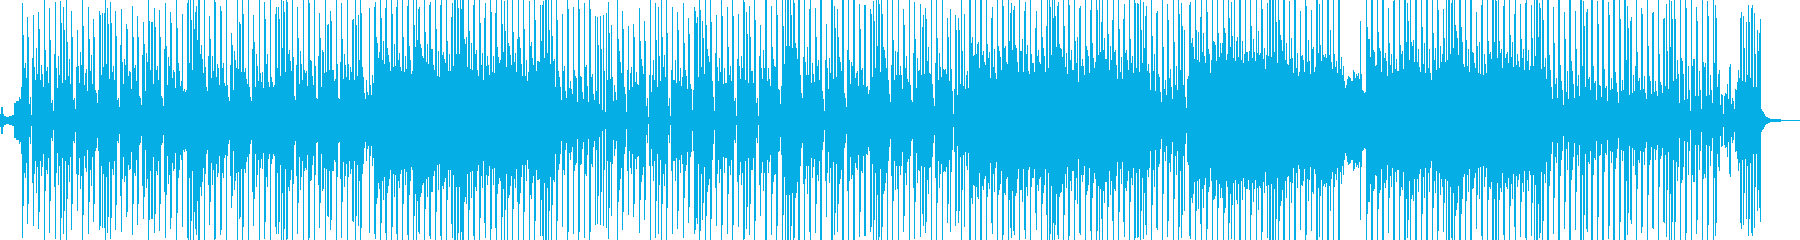 ビターエンドテーマのスロウテクノ 長尺★の再生済みの波形